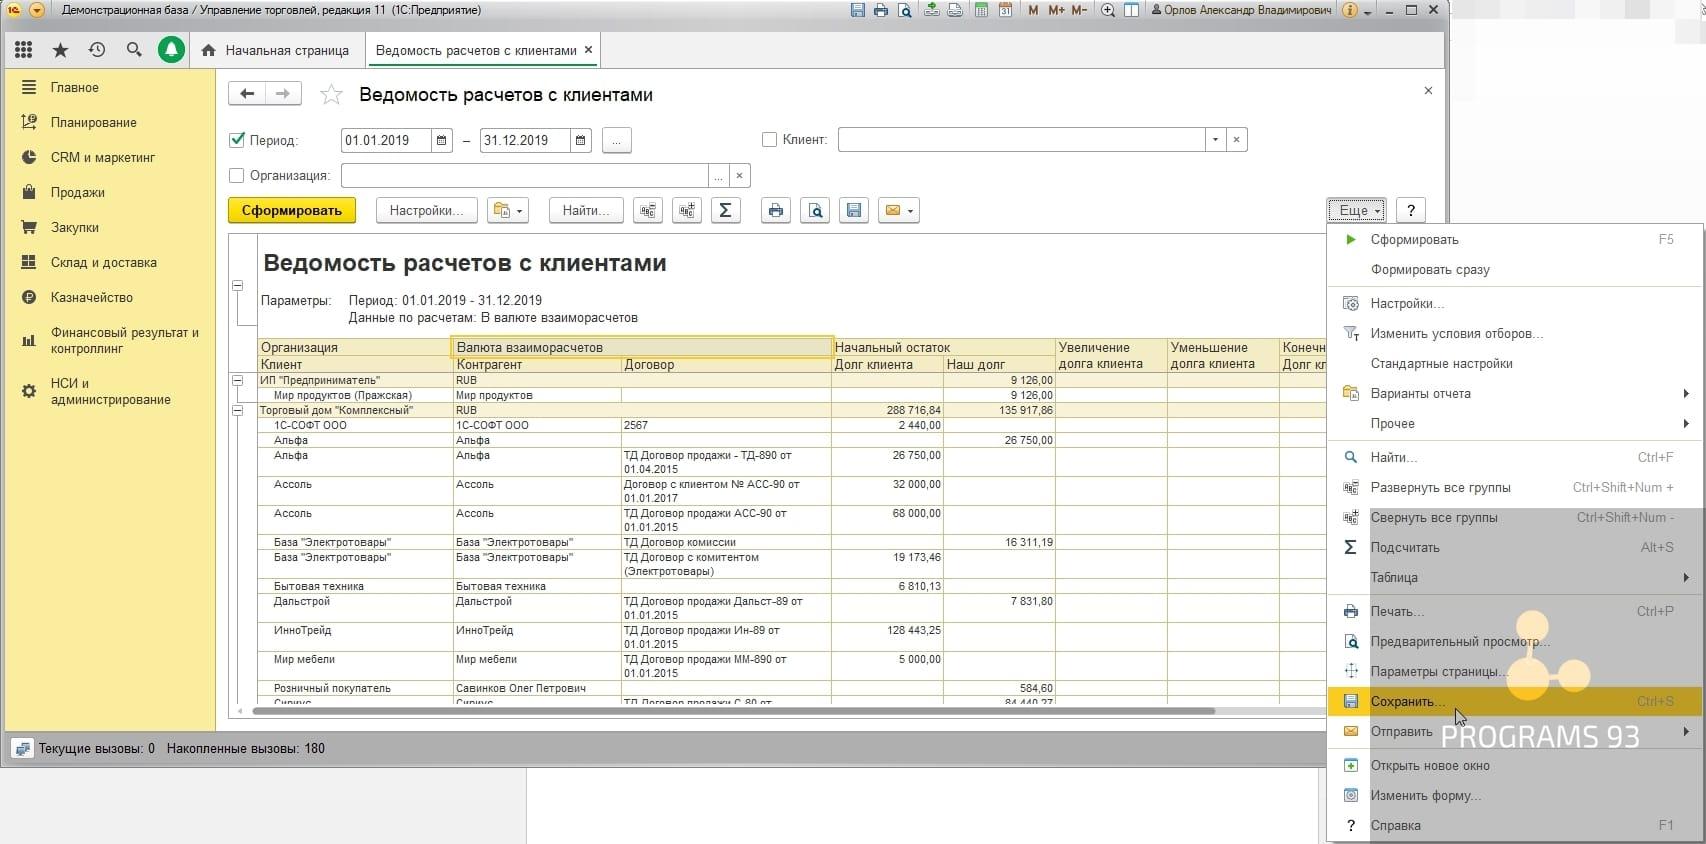 Способы выгрузки данных из программы 1С.Предприятие